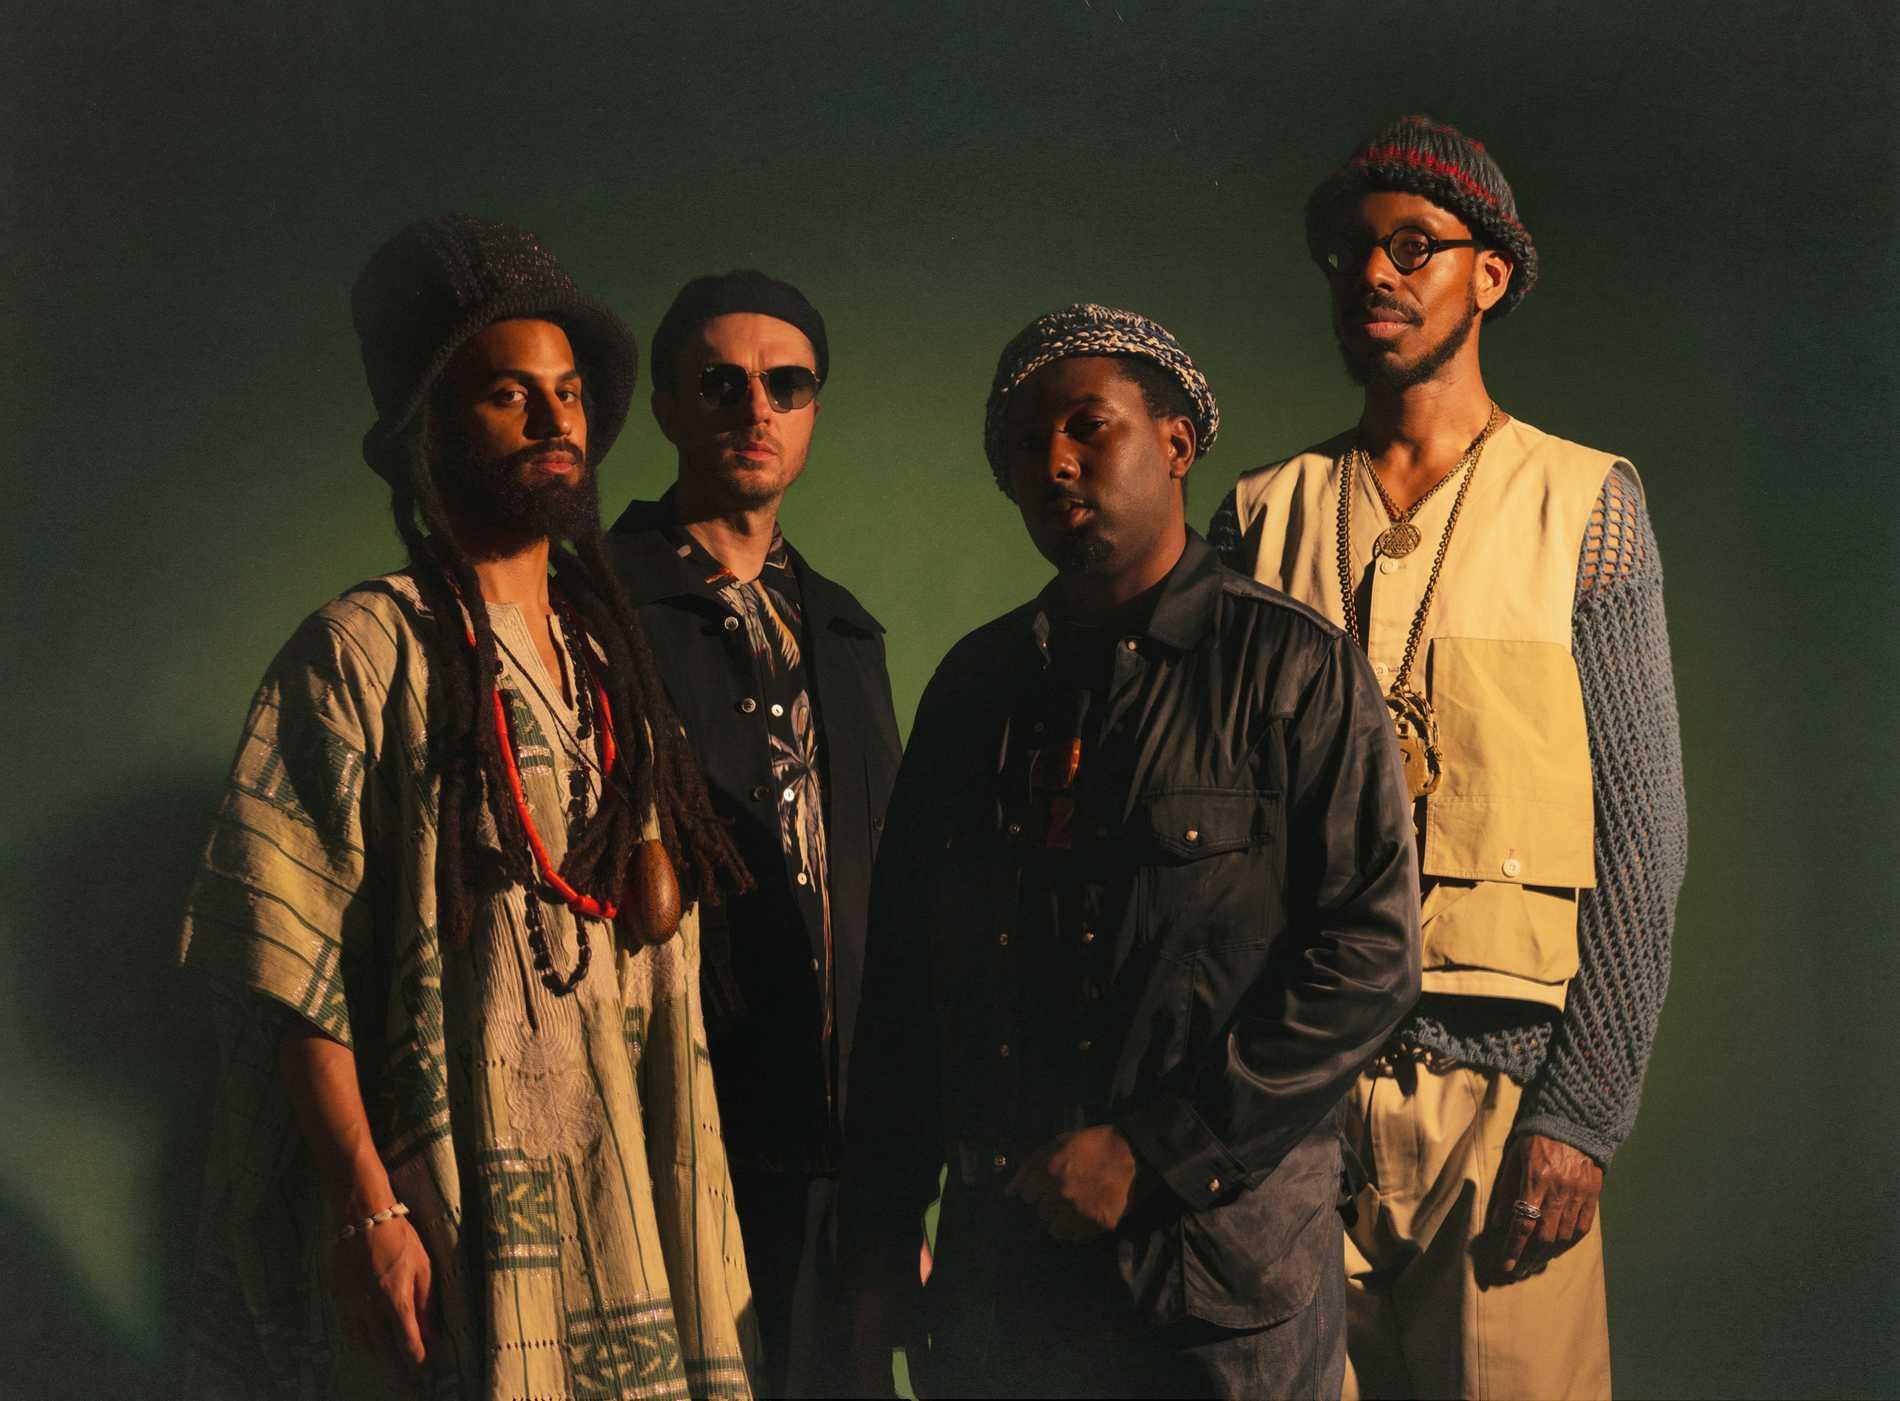 Jazzgruppen Sons Of Kemet får det mesta att kännas fattigt och ospännande just nu.